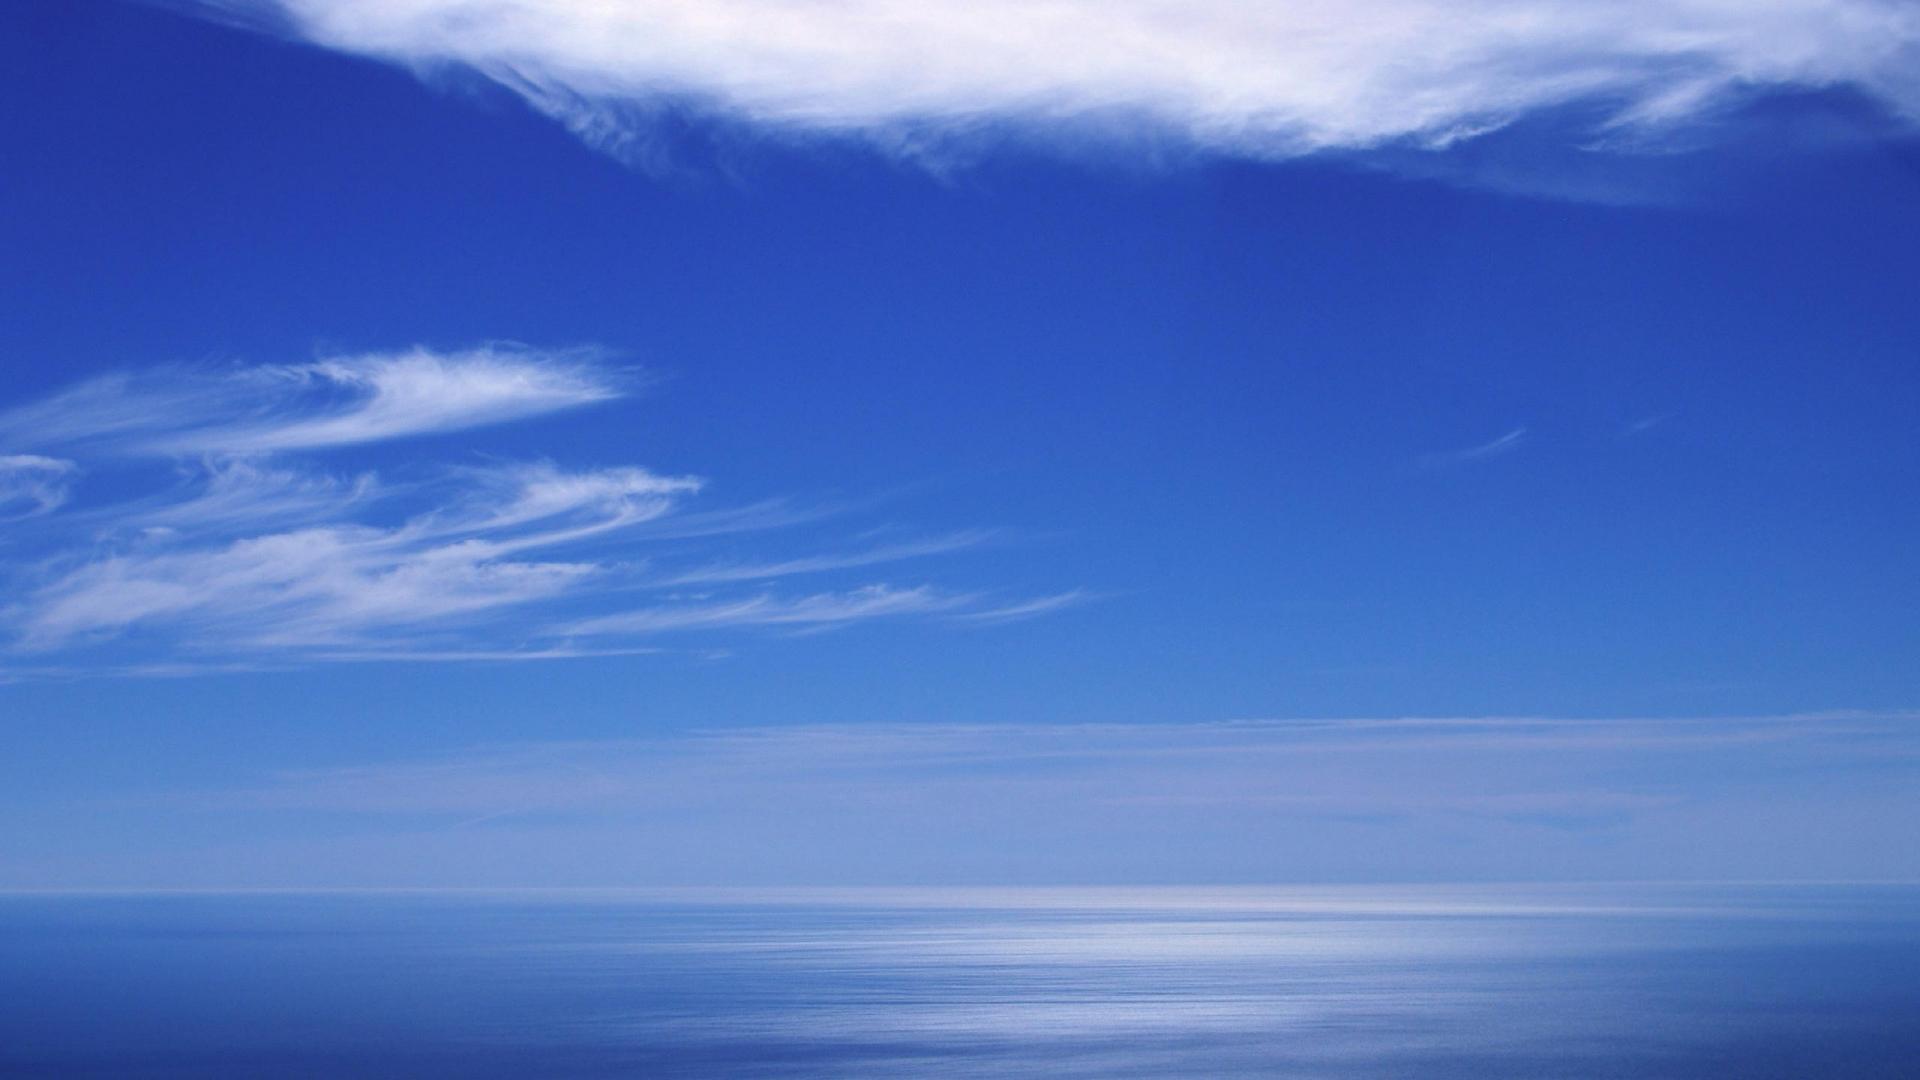 Cielo azul en el horizonte - 1920x1080